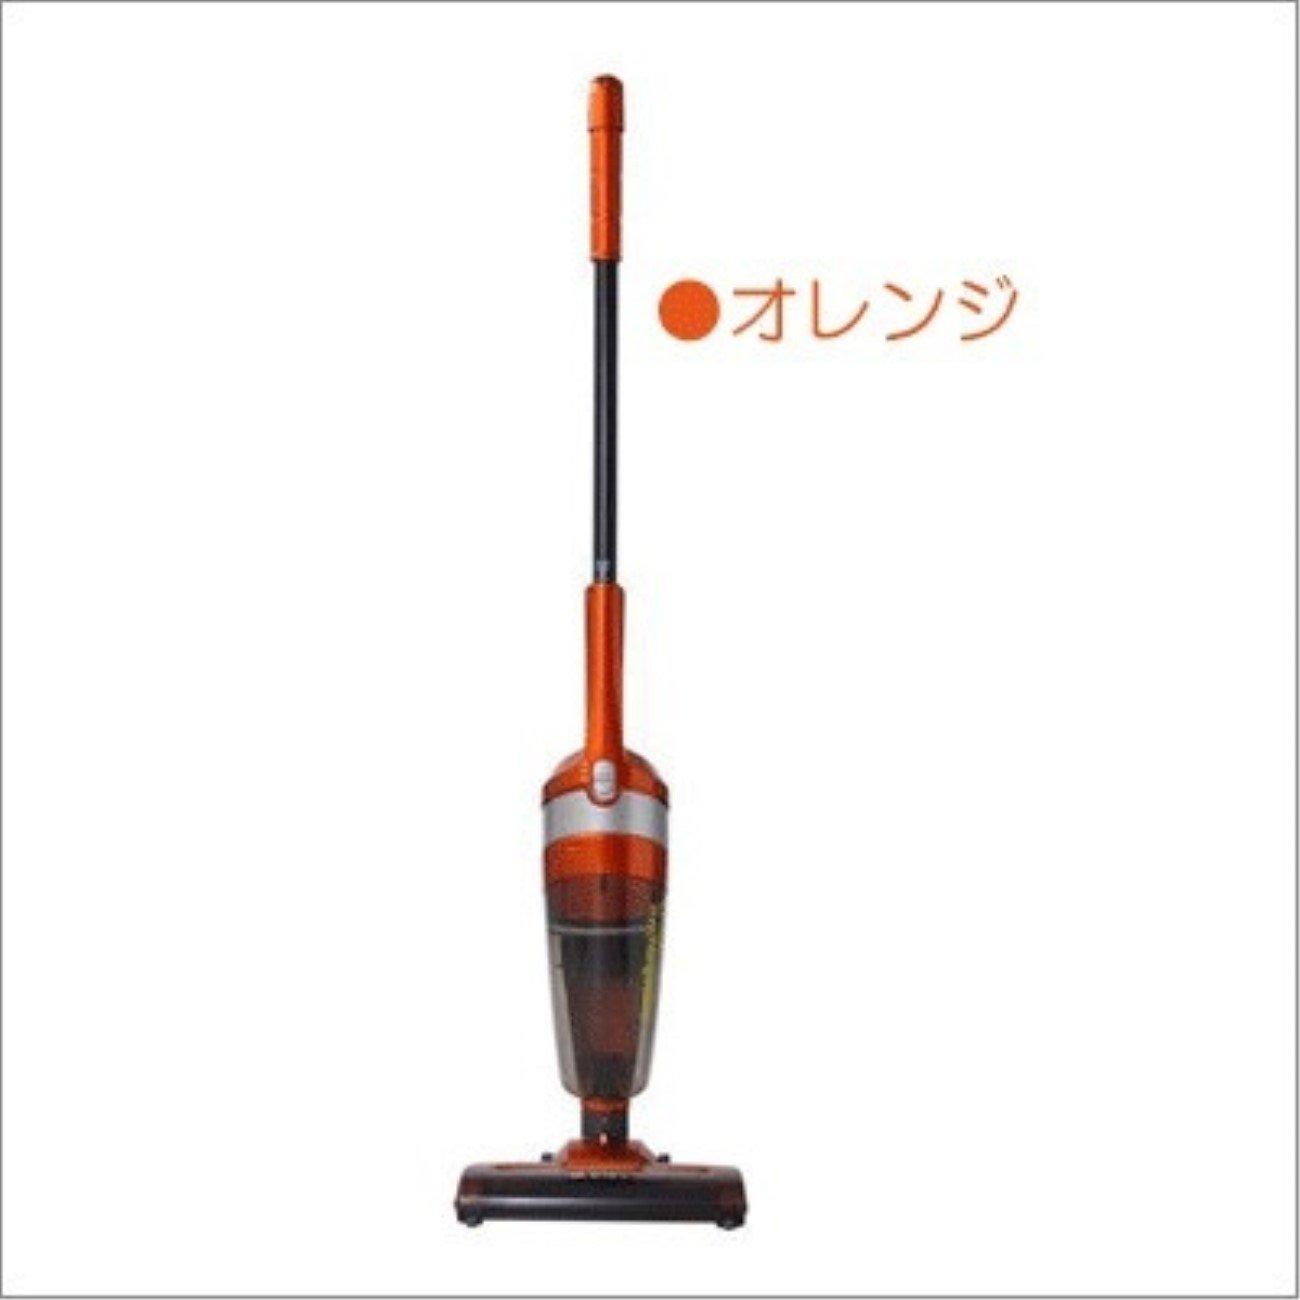 週間売れ筋 コードレス 掃除機 スティック型 コードレス 家電 サイクロン式 掃除機 家電 クリーナー カラー:オレンジ B01LZXR3X4, ハッピーLIFE:e988baa2 --- egreensolutions.ca